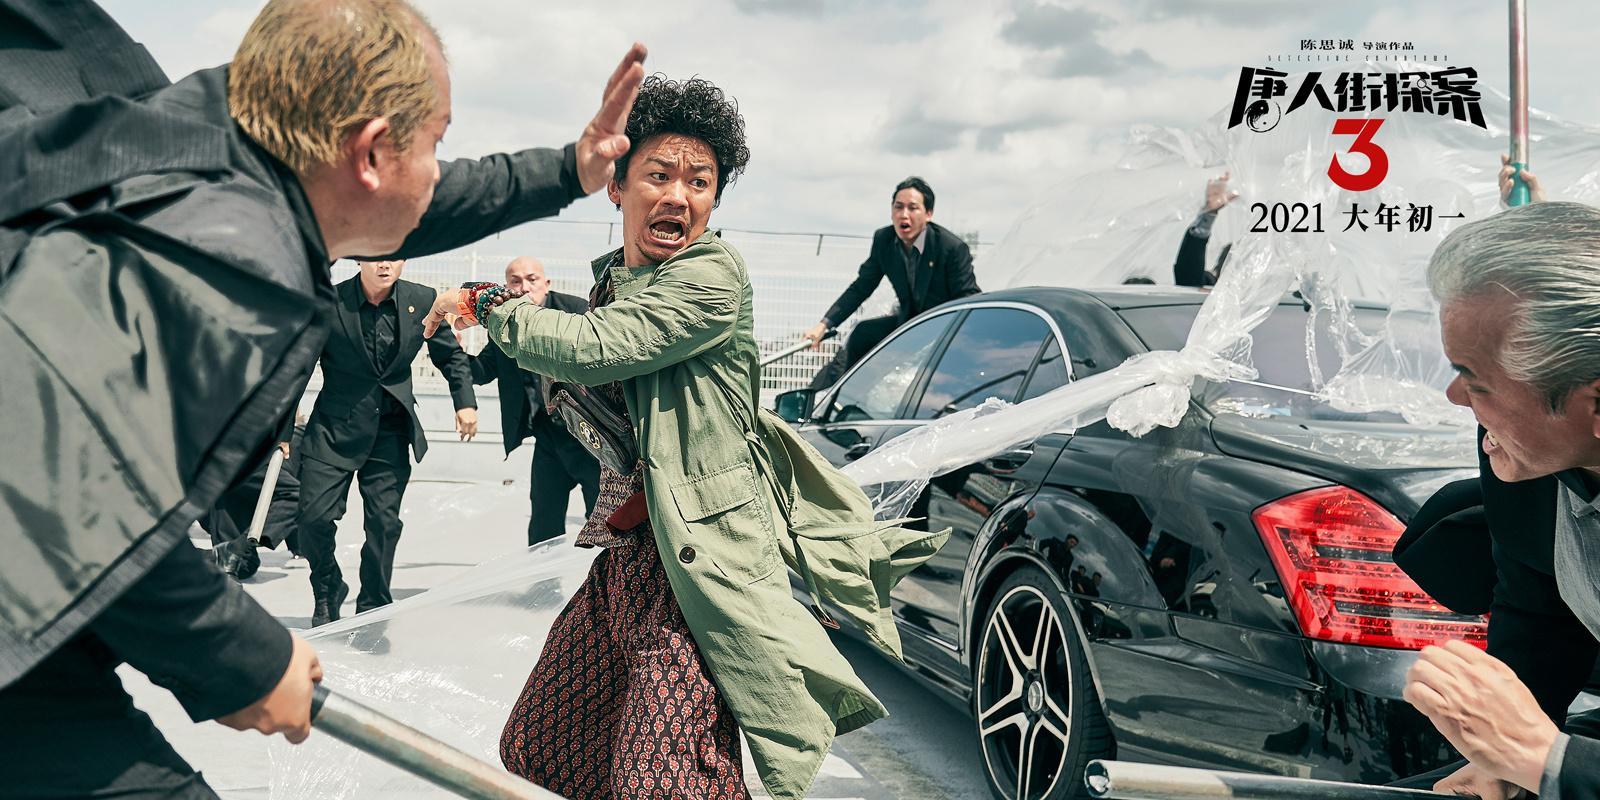 《唐人街探案3》预热春节档中外侦探创造家庭乐趣